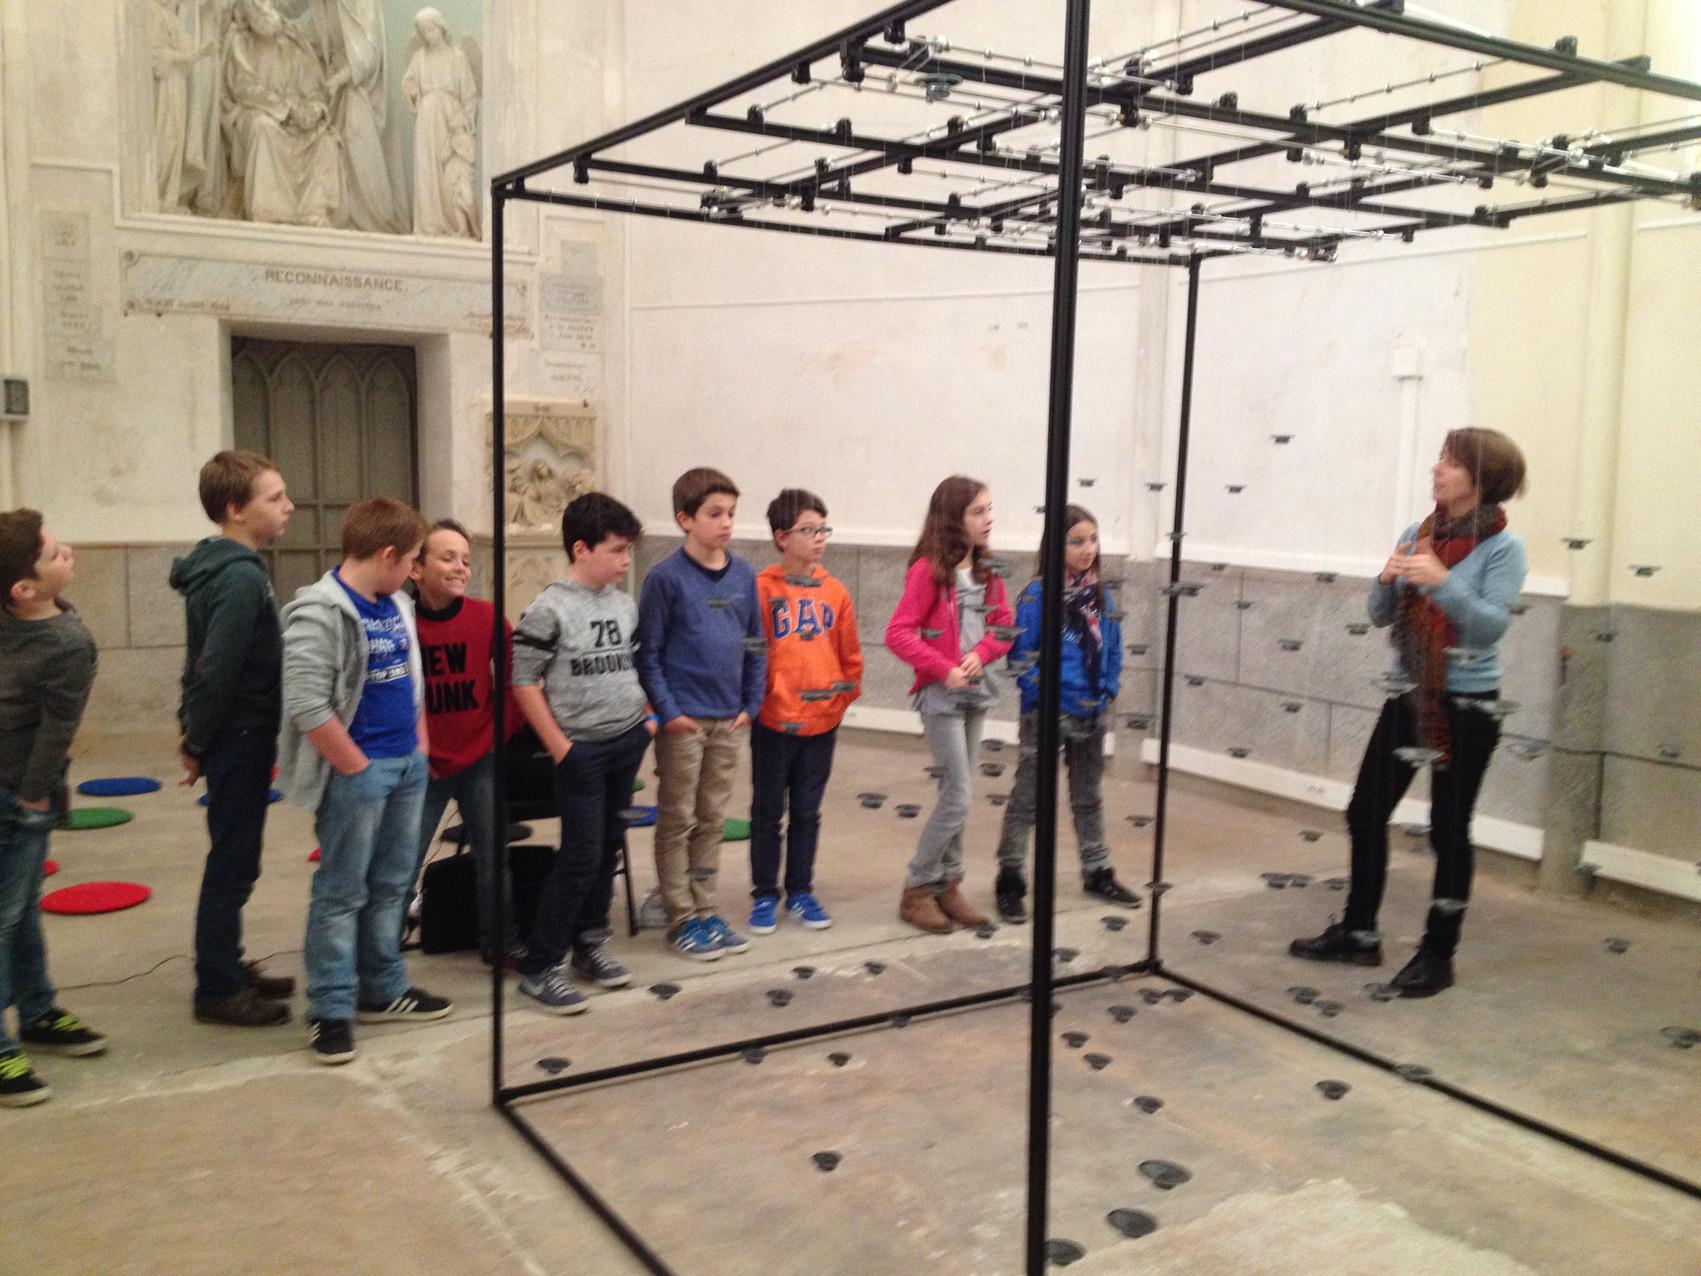 Visite de l'exposition - école élémentaire Notre-Dame, Montfort-sur-Meu